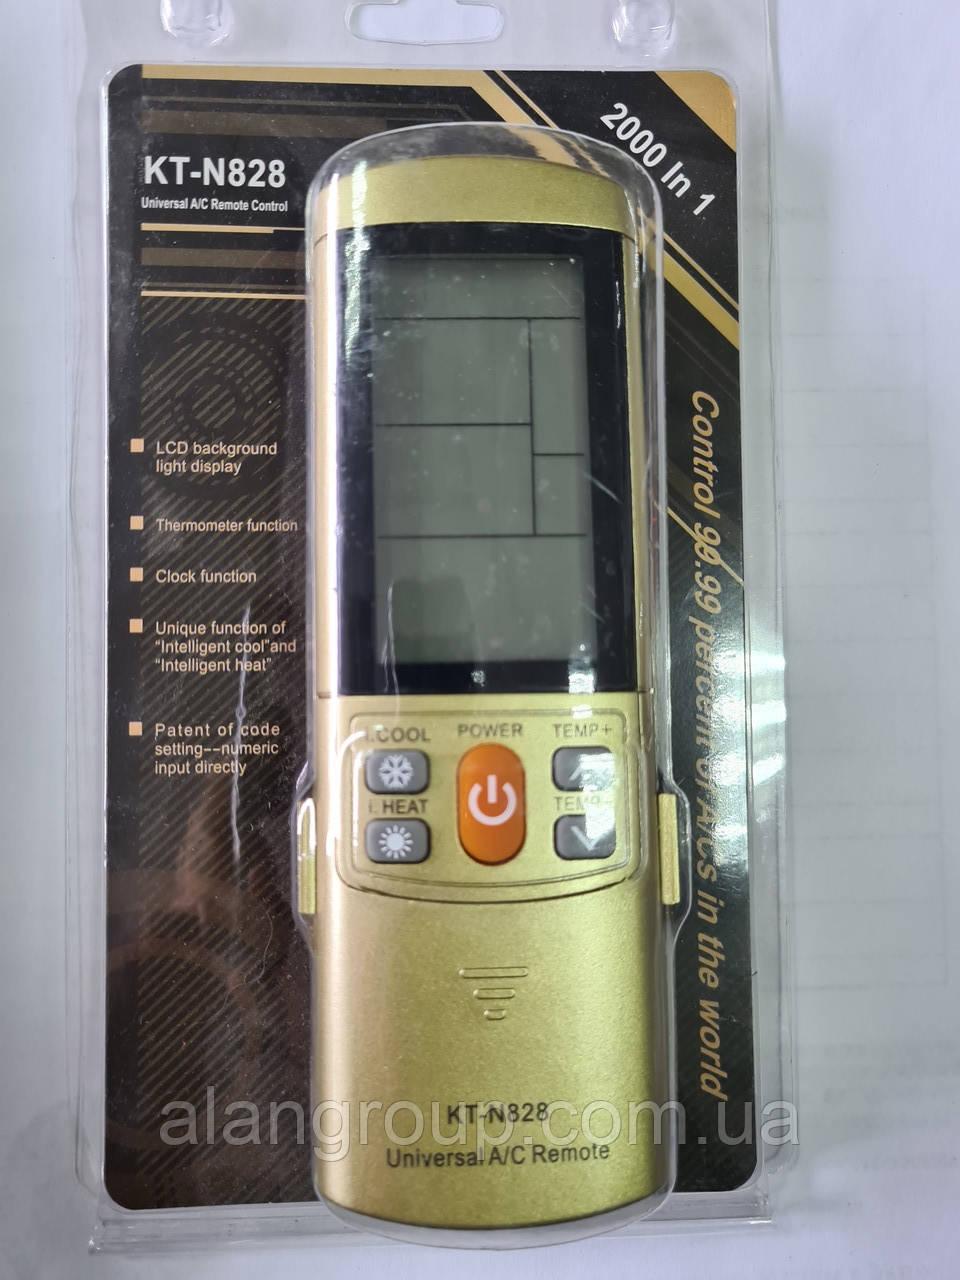 Пульт кондиціонера KT-N828 універсальний